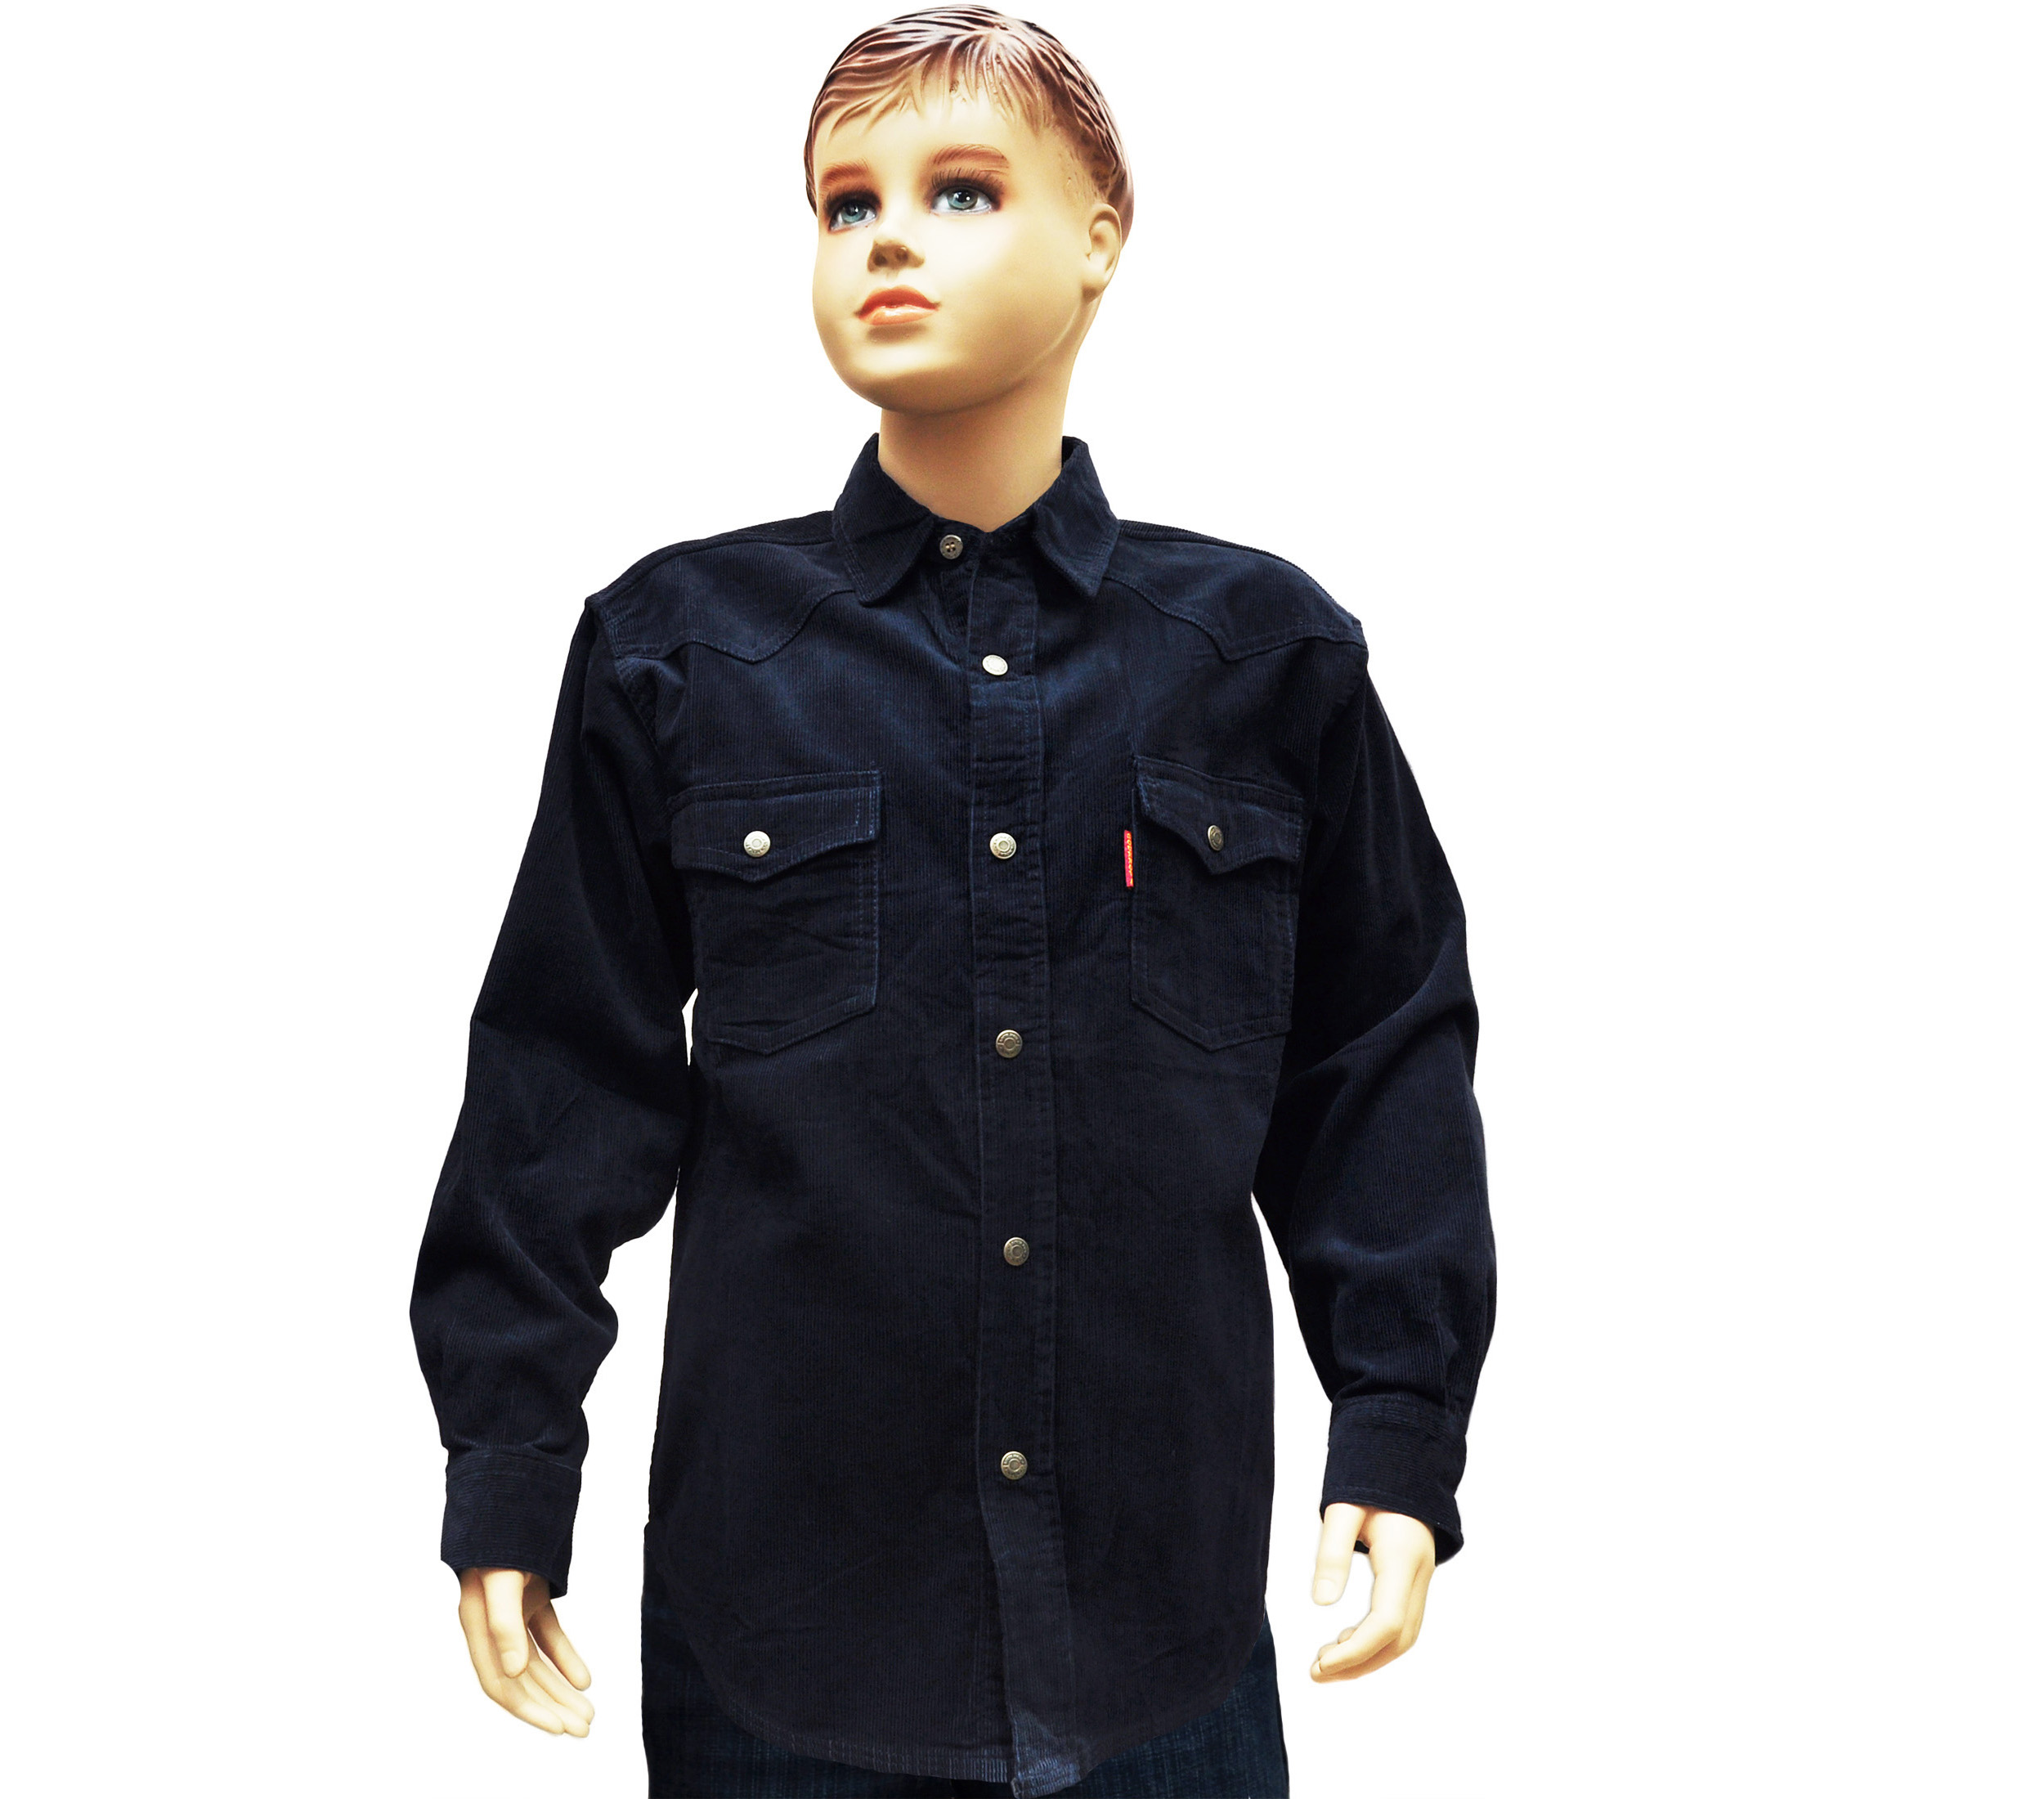 Подростковая рубашкас длинным рукавом вельветовая, синего цвета